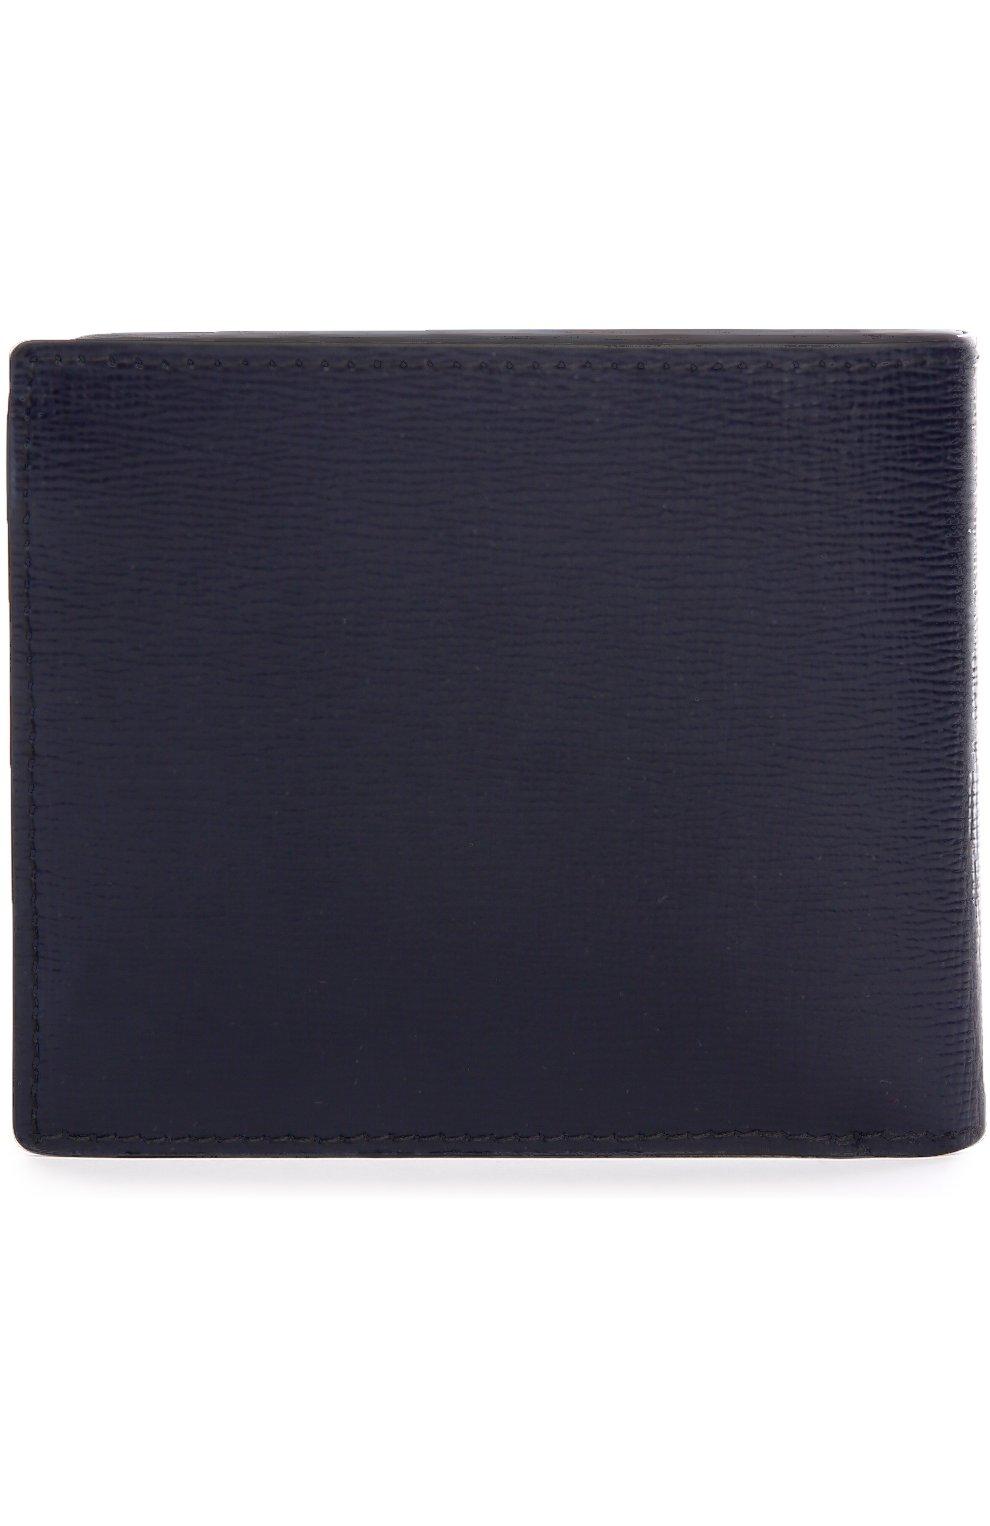 Мужские кошельки и портмоне Burberry по цене от 14 150 руб. купить в  интернет-магазине ЦУМ 1bfd4f1afd3